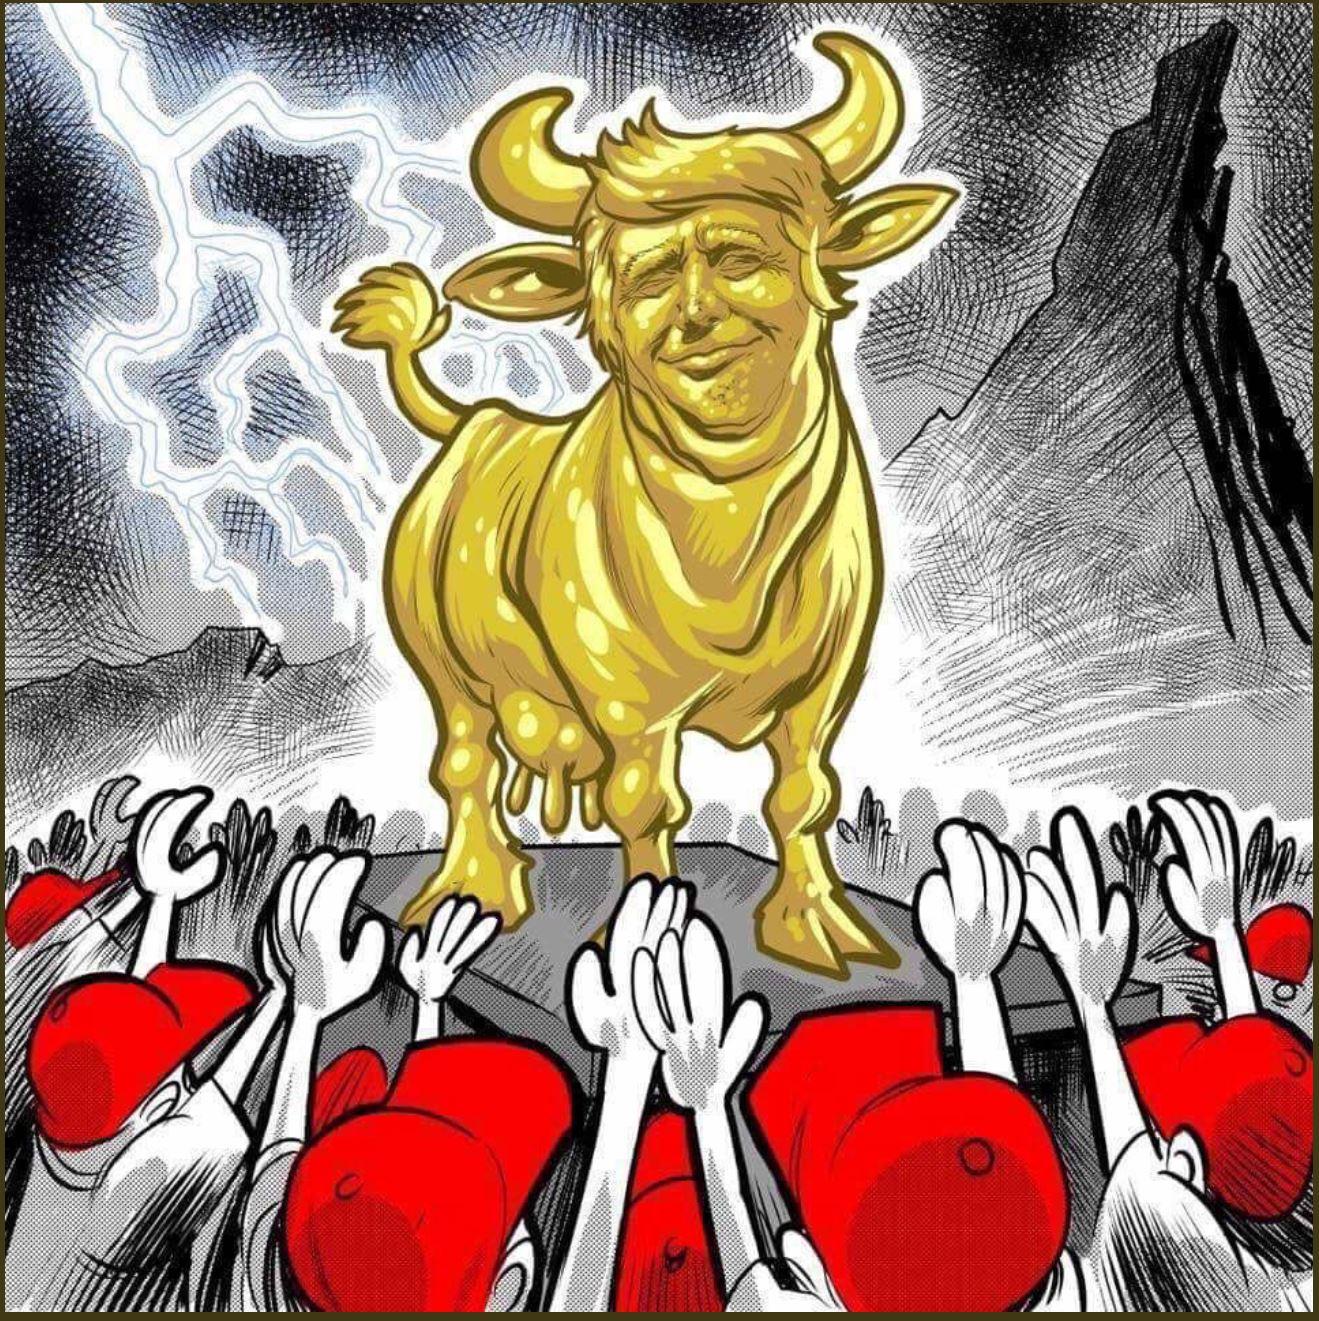 GOP Golden Calf